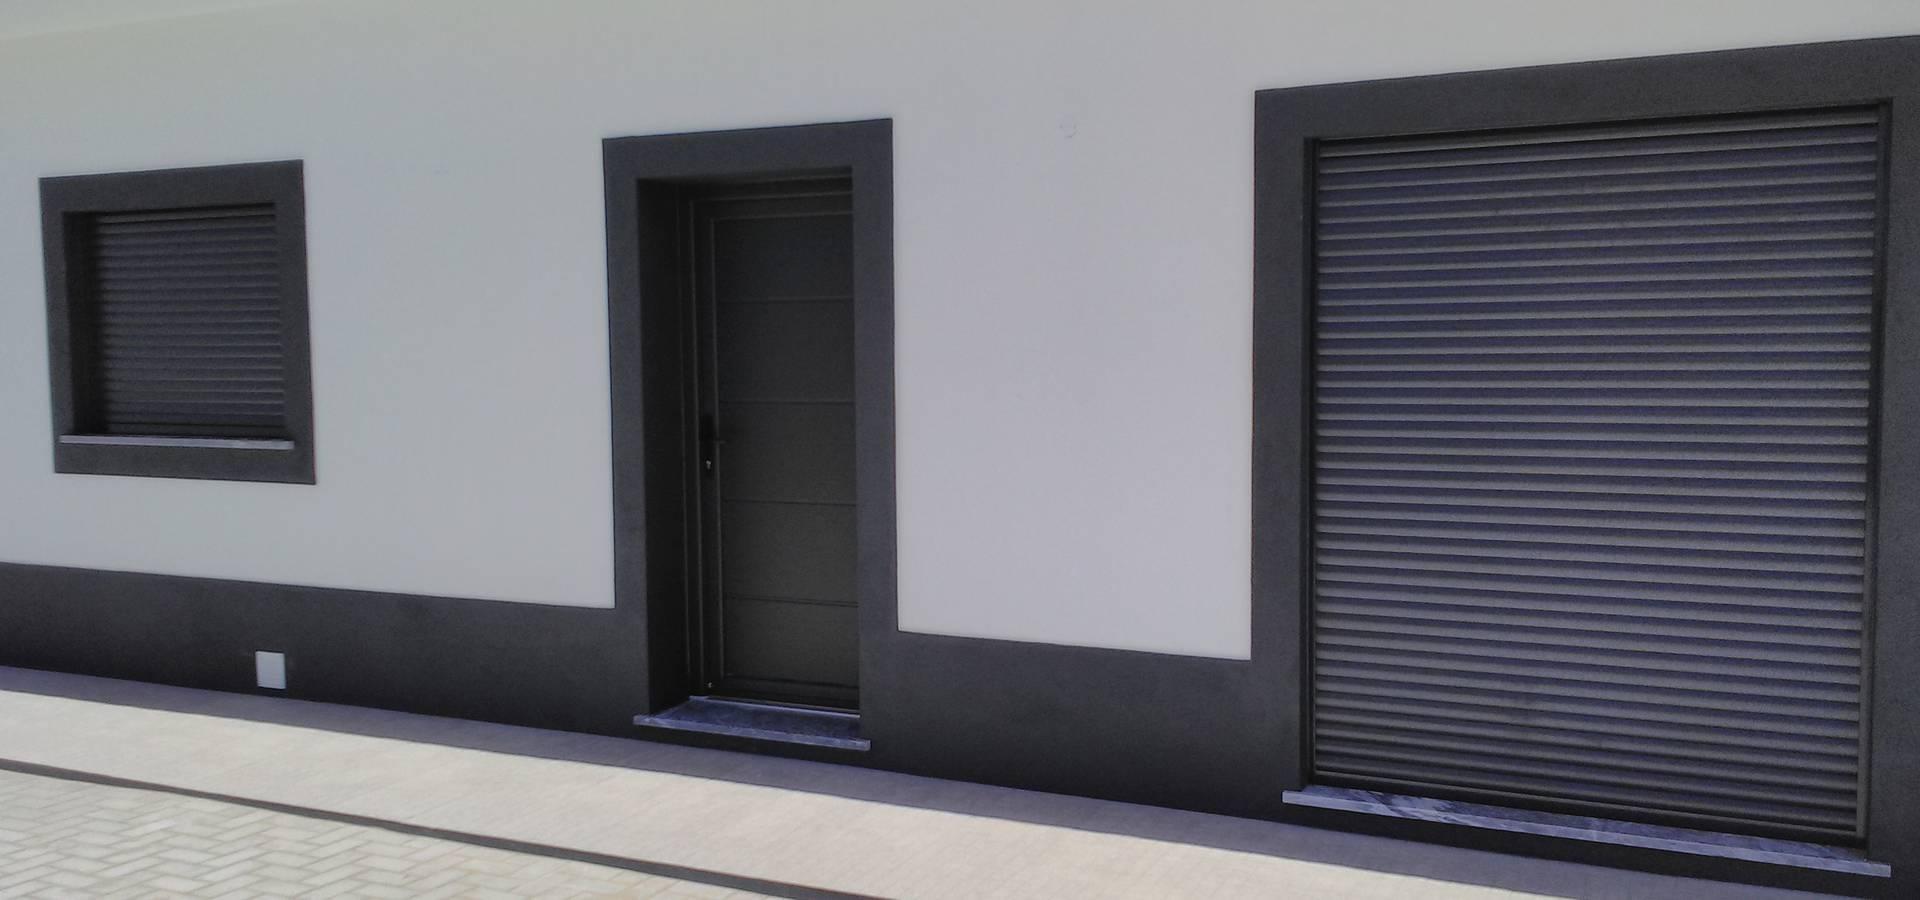 MEGAFIL—INDÚSTRIA DE CAIXILHARIA, LDA